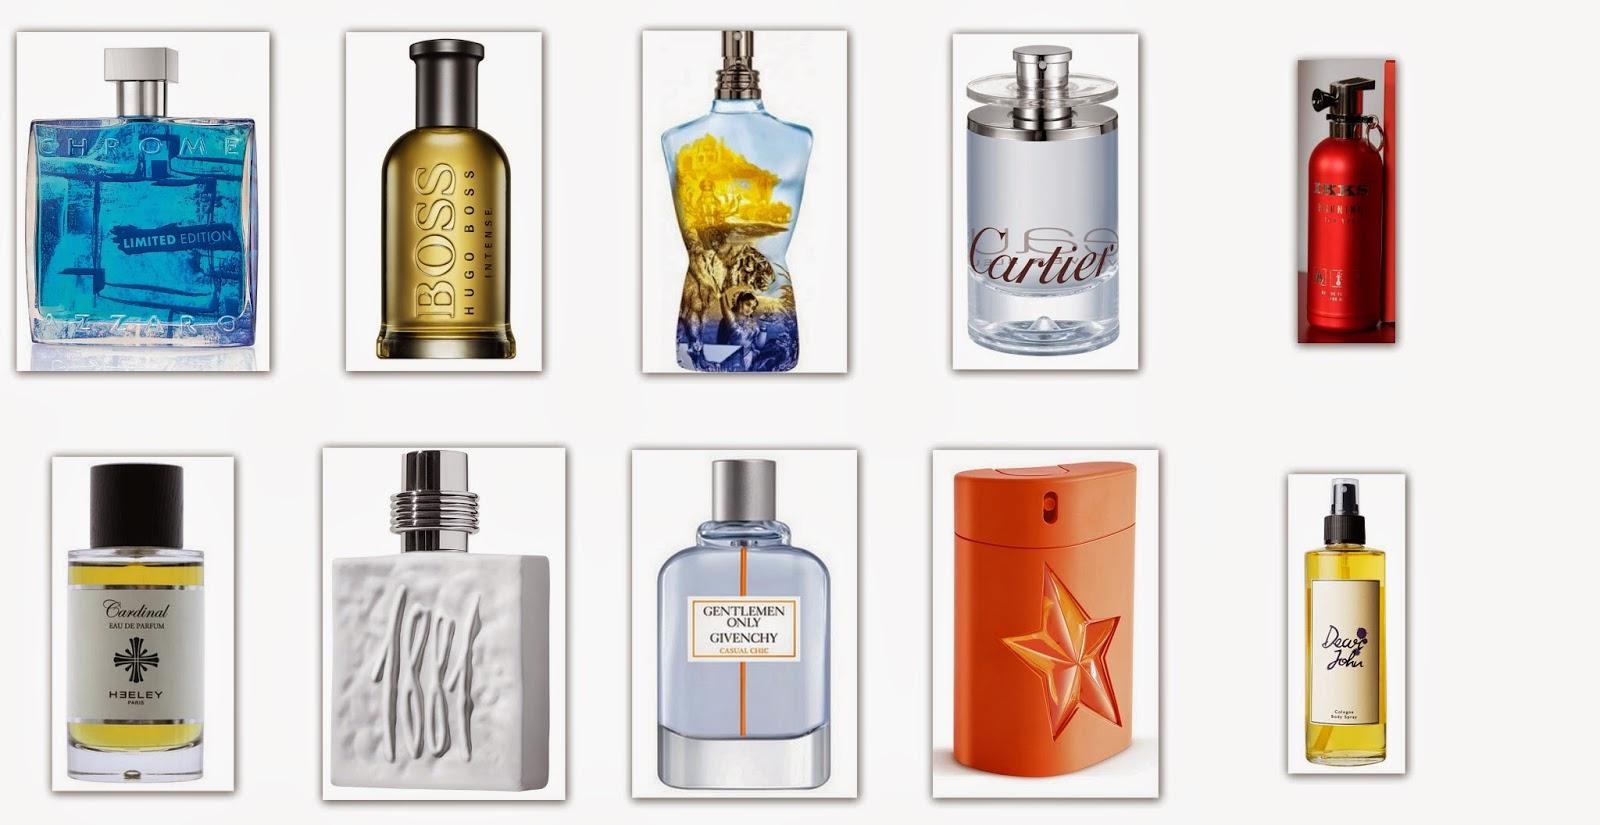 parfum pour homme le plus vendu quel est le parfum le plus c l bre cette ann e. Black Bedroom Furniture Sets. Home Design Ideas